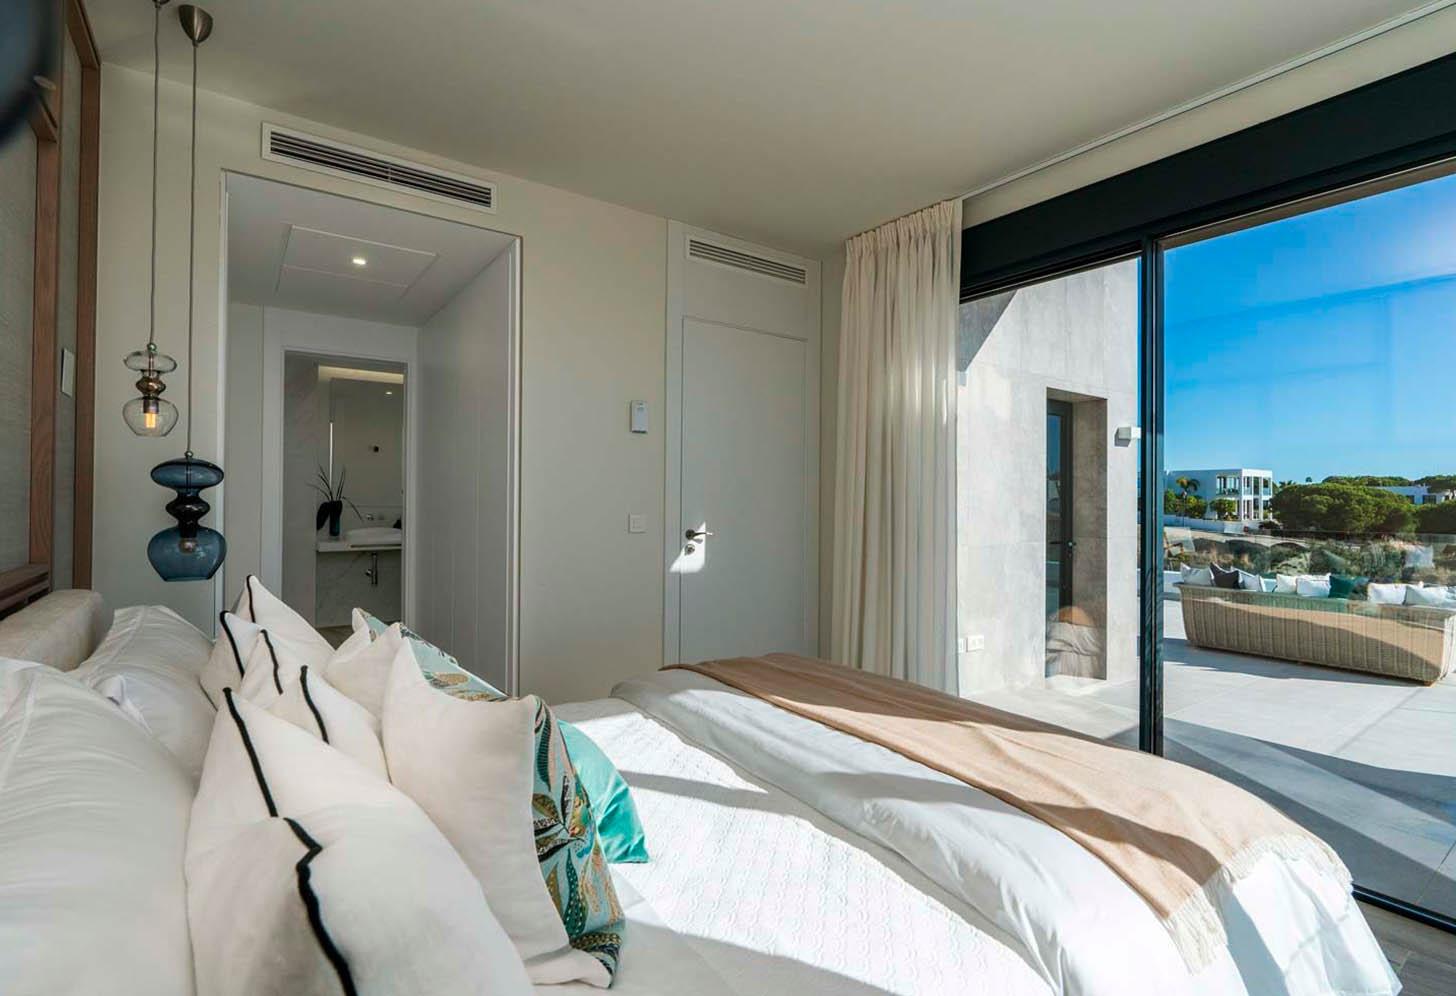 immobilier neuf espagne costa sol marbella chambre